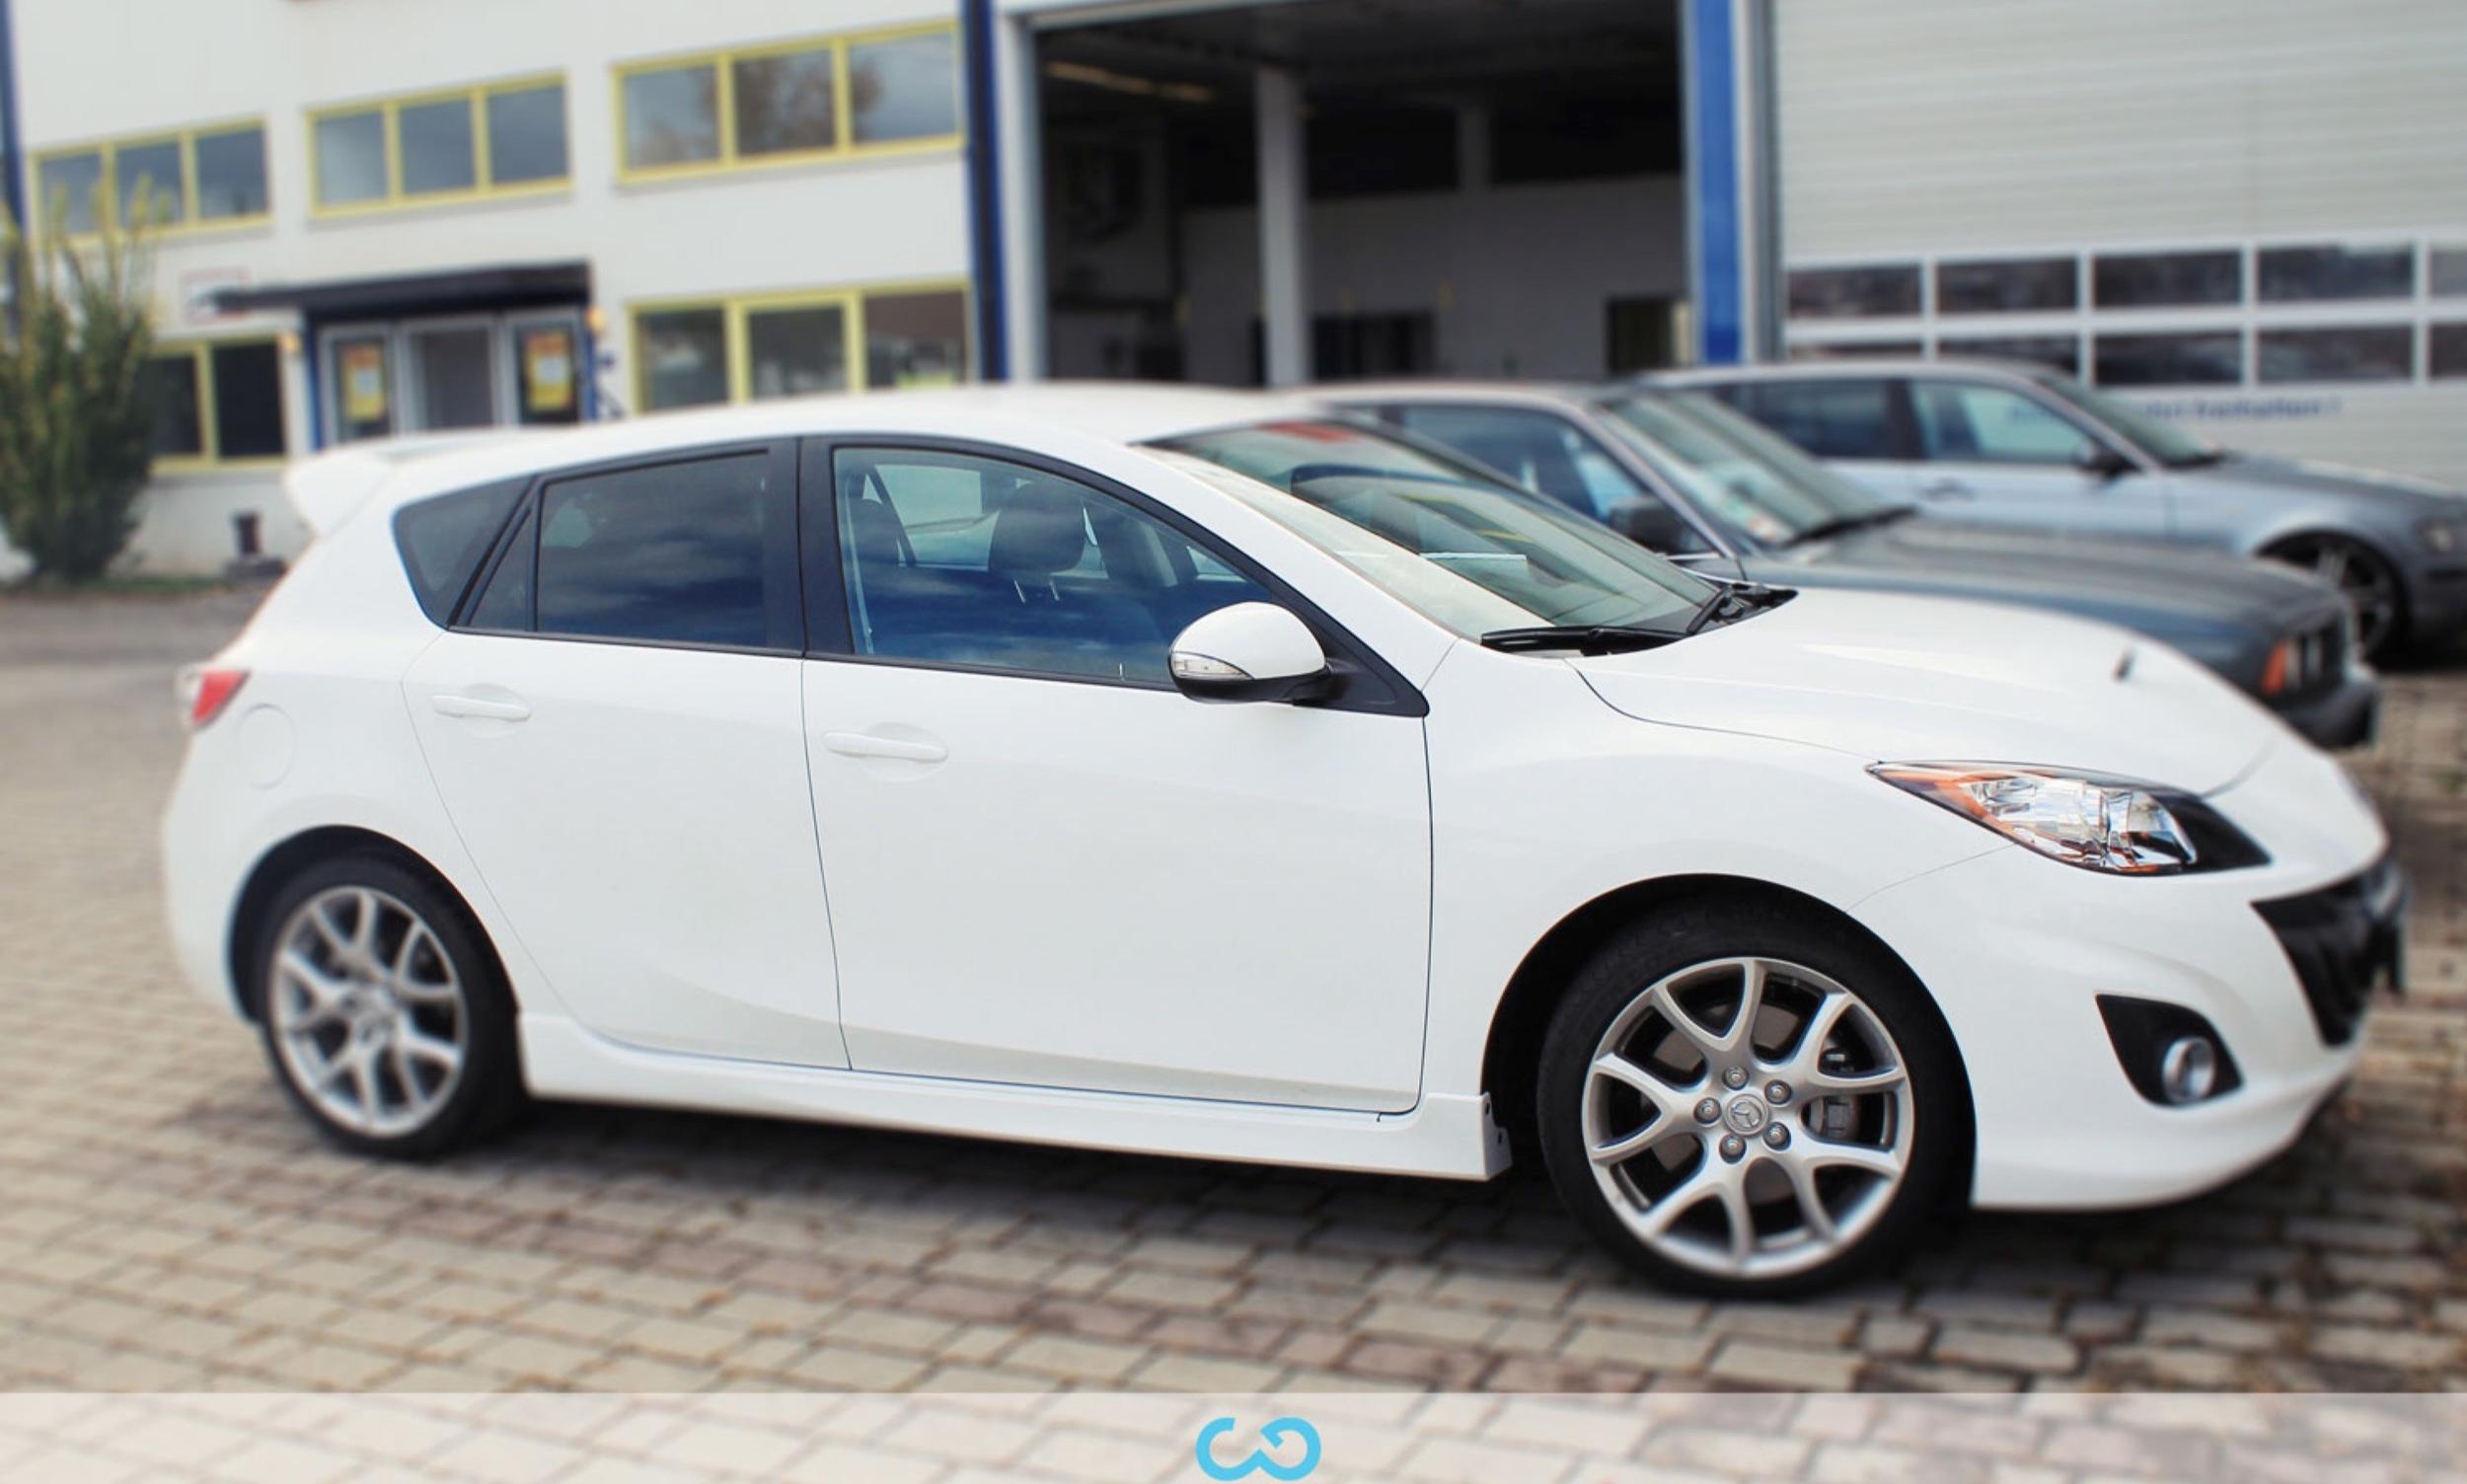 autofolierung-car-wrapping-2-vollfolierung-mazda-weiss-2012-10-07-4.jpg